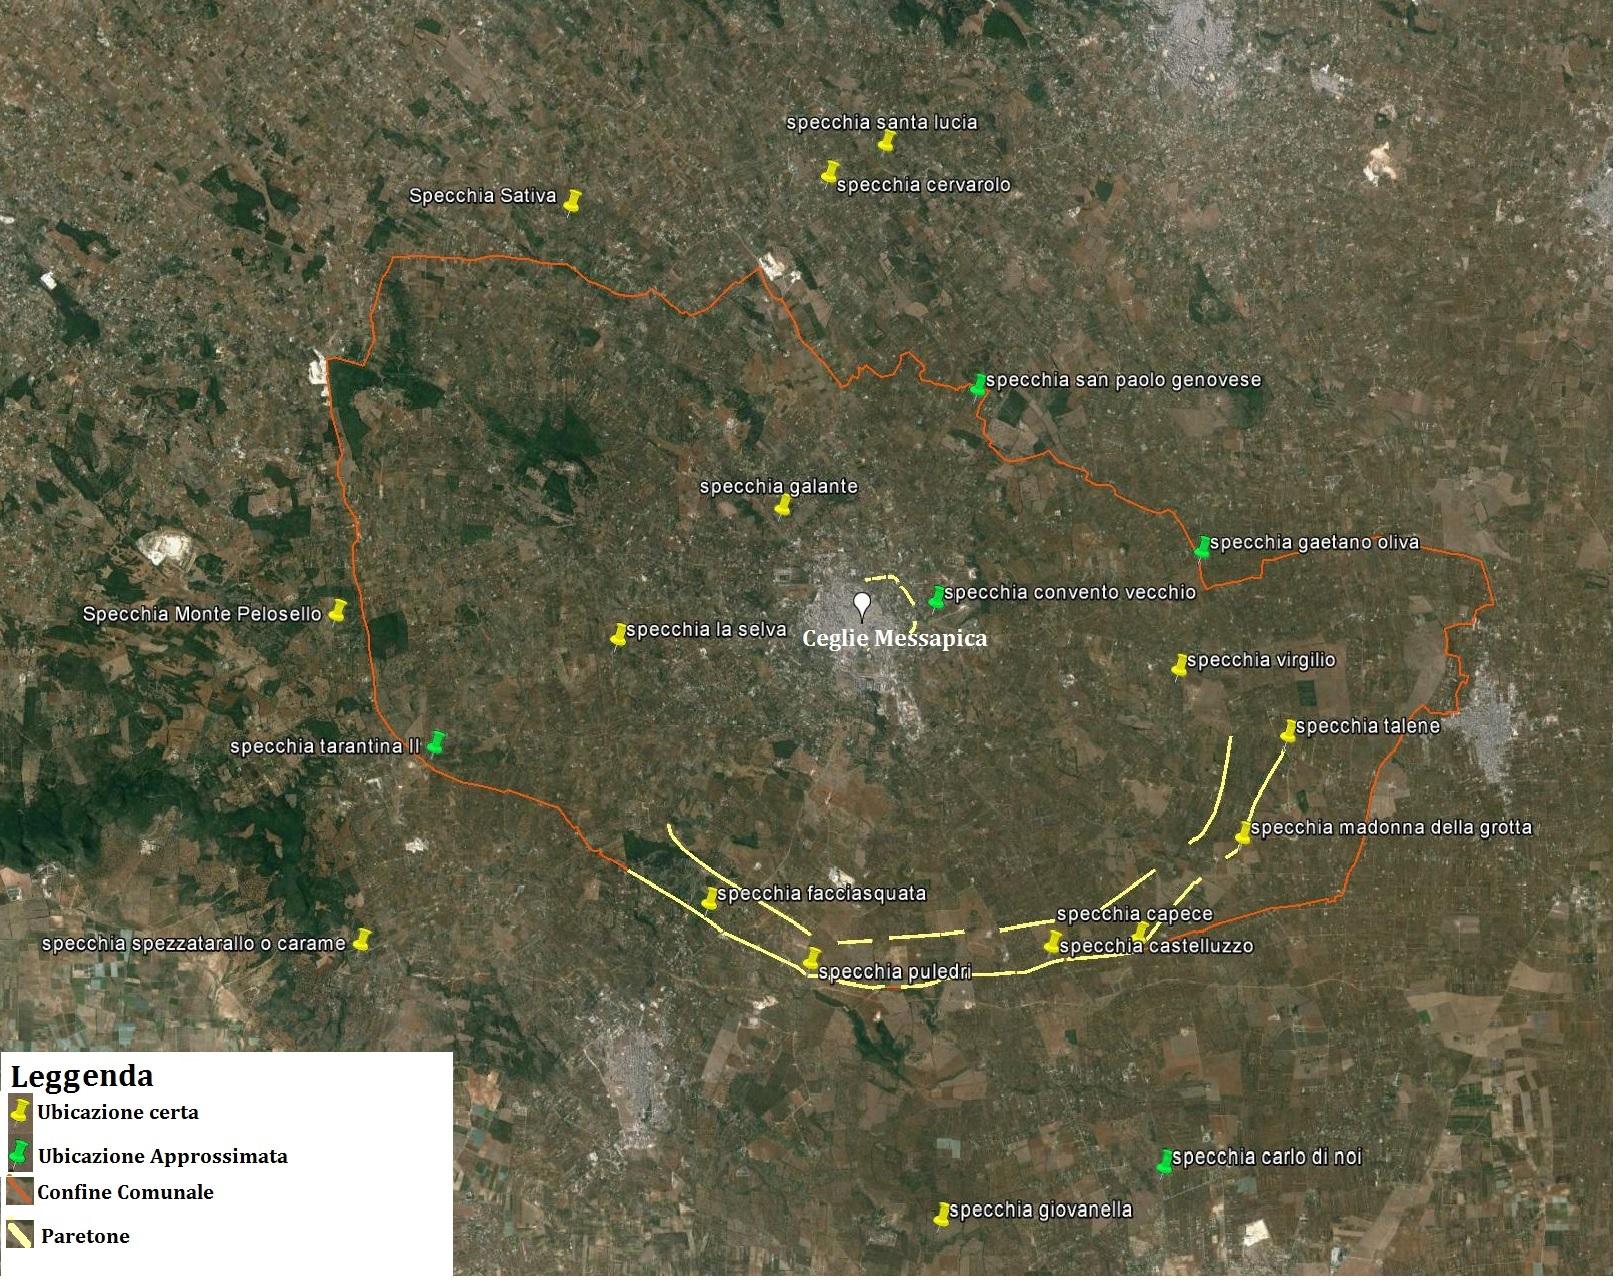 Nella mappa l ubicazione delle specchie e delle cinte murarie note e paretoni di epoca messapica facenti parte del sistema difensivo di Kalia ΚαιΠια